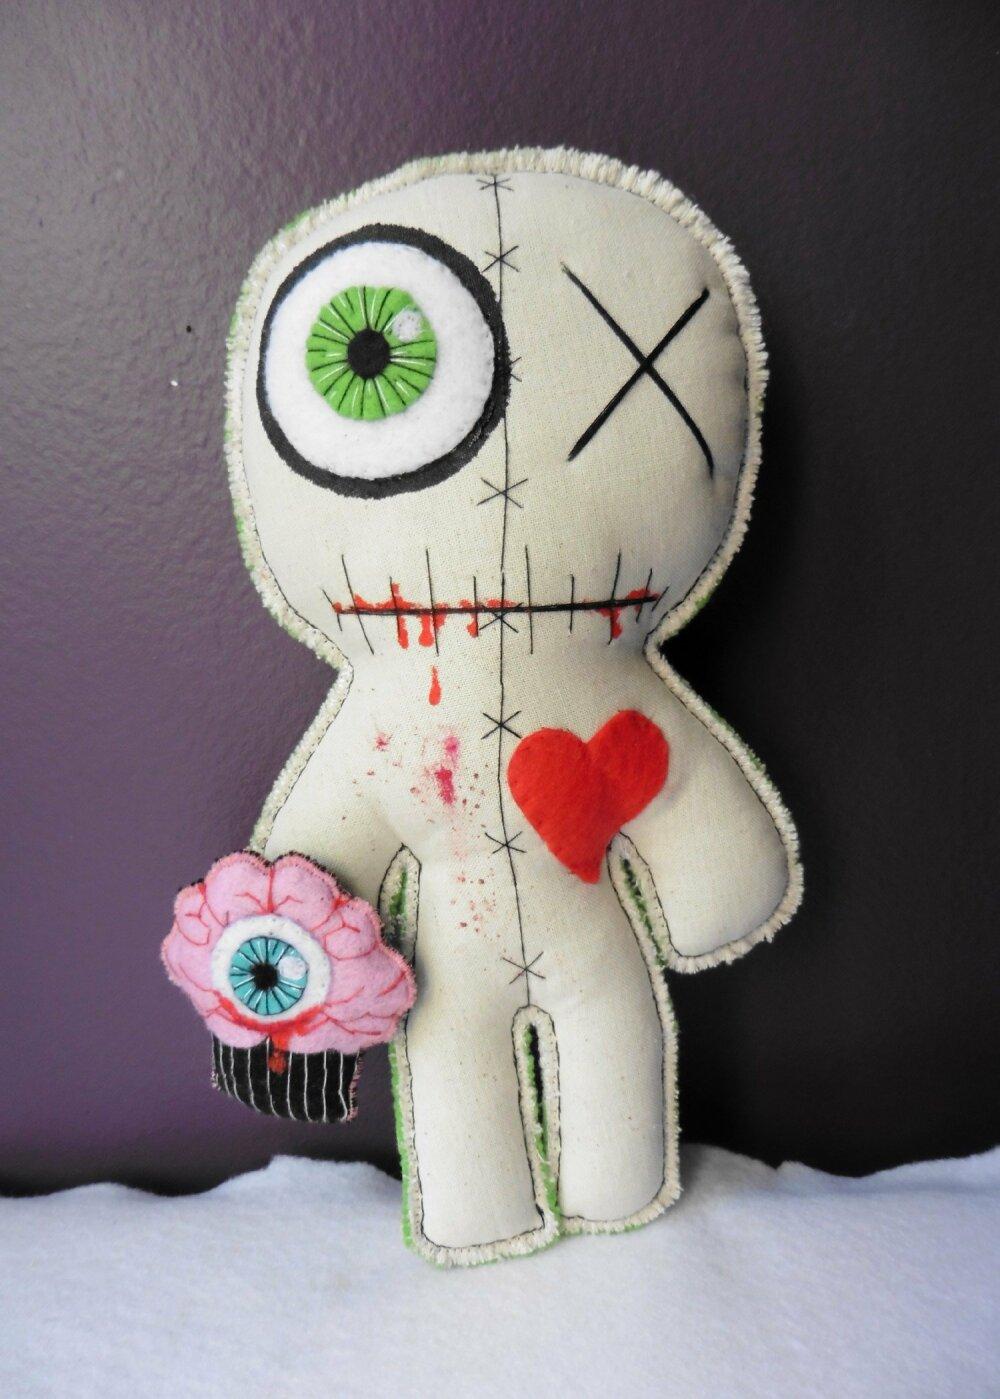 Poupée Vaudou Zombie Glouton Cupcake, Monstre, Cerveau, Mort, Gothique, Oeil, Sang, Horreur, Skull, Cannibale, Anatomie, Ogre